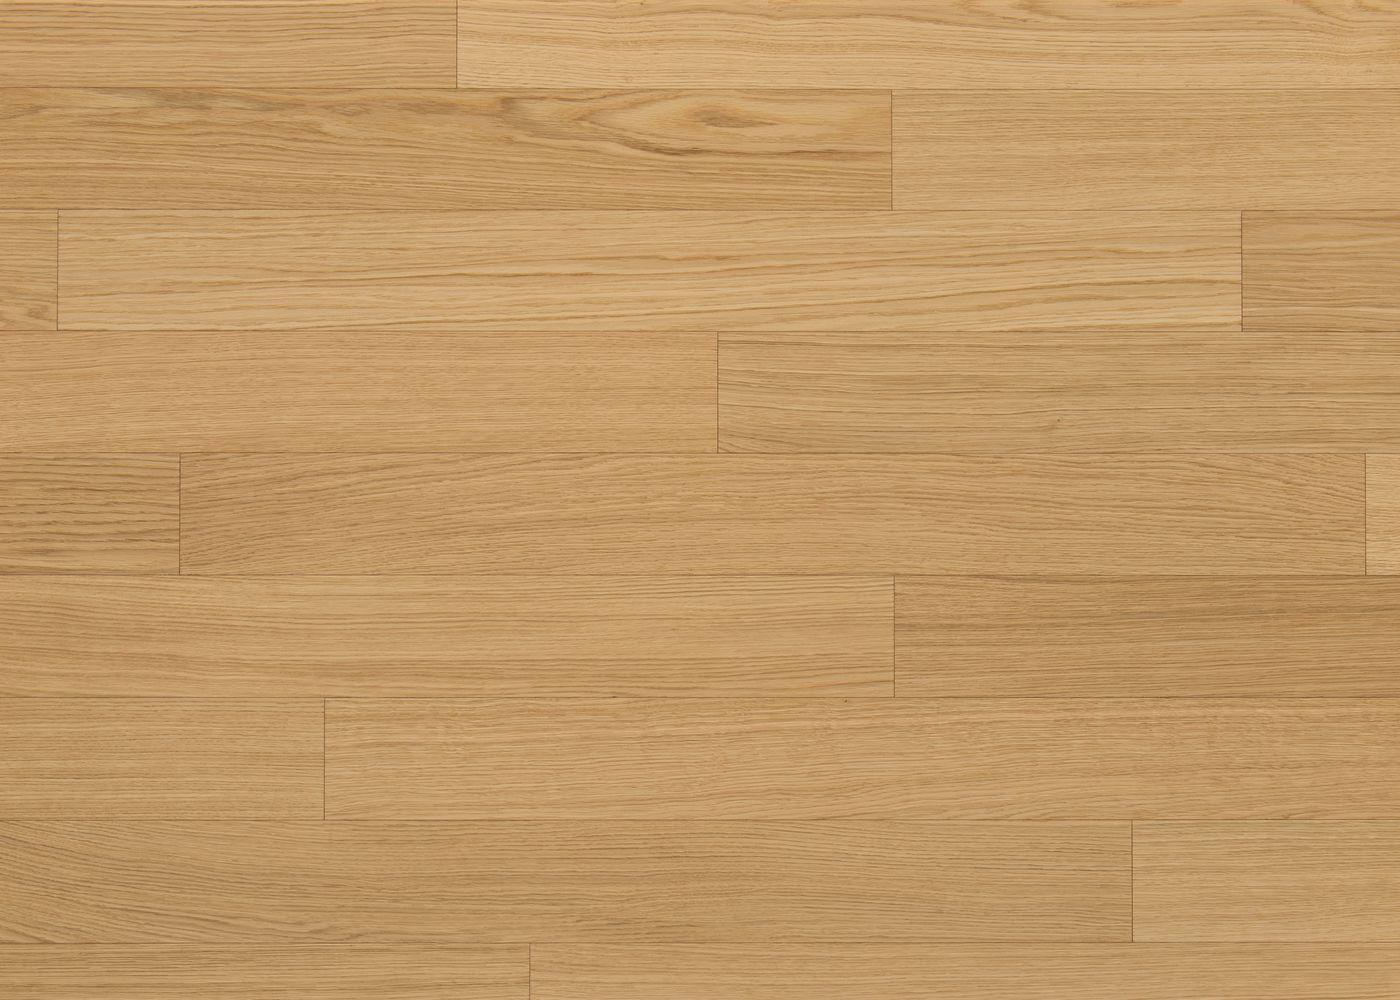 Sol plaqué bois Chêne Salzbourg brossé vernis extra-mat - Deluxe - Select 12x166x1810